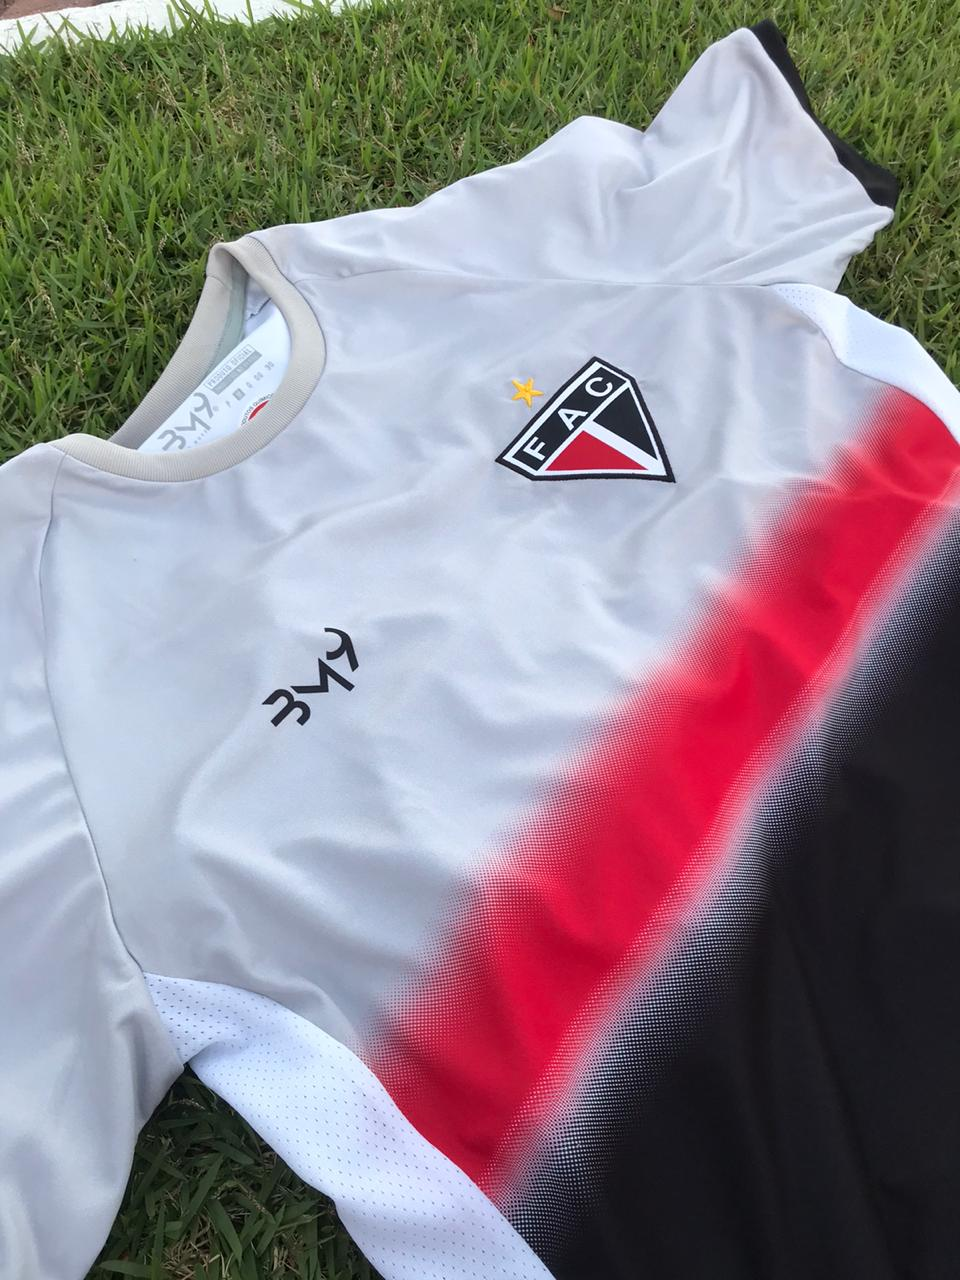 Kit dos pais (camisa treino +caixa presente)